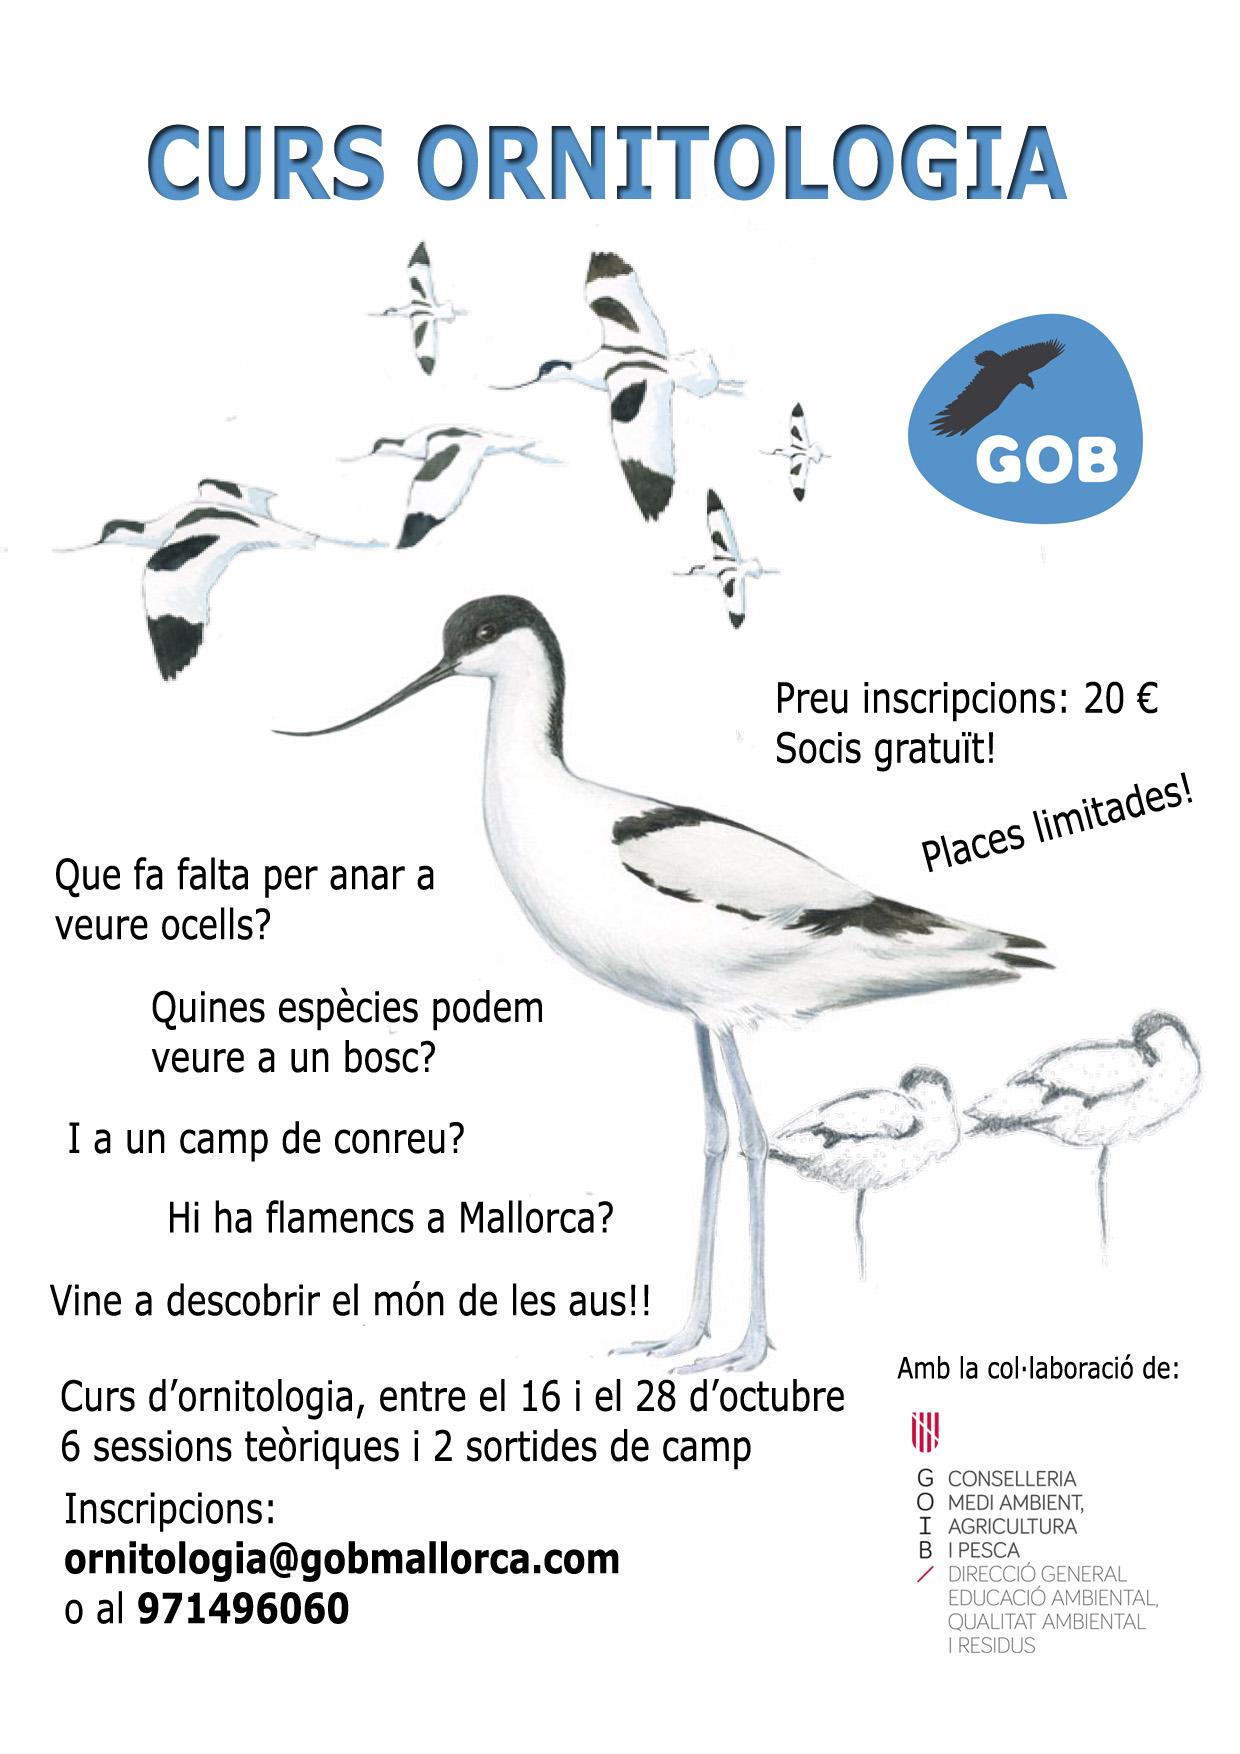 Curs ornitologia